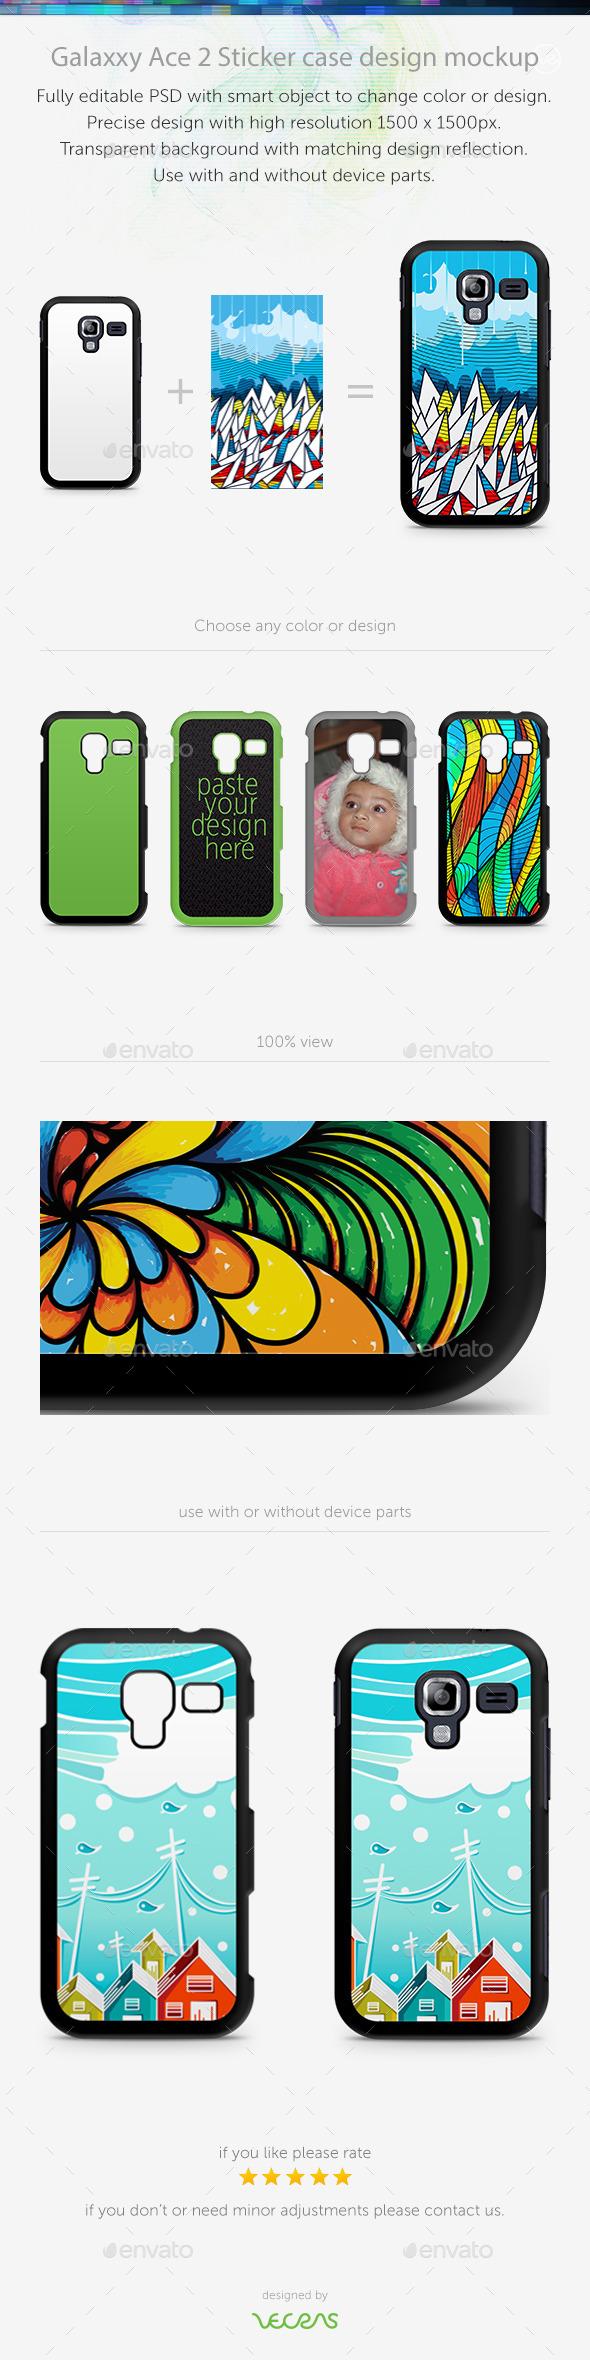 GraphicRiver Galaxxy Ace 2 Sticker Case Design Mockup 10793938